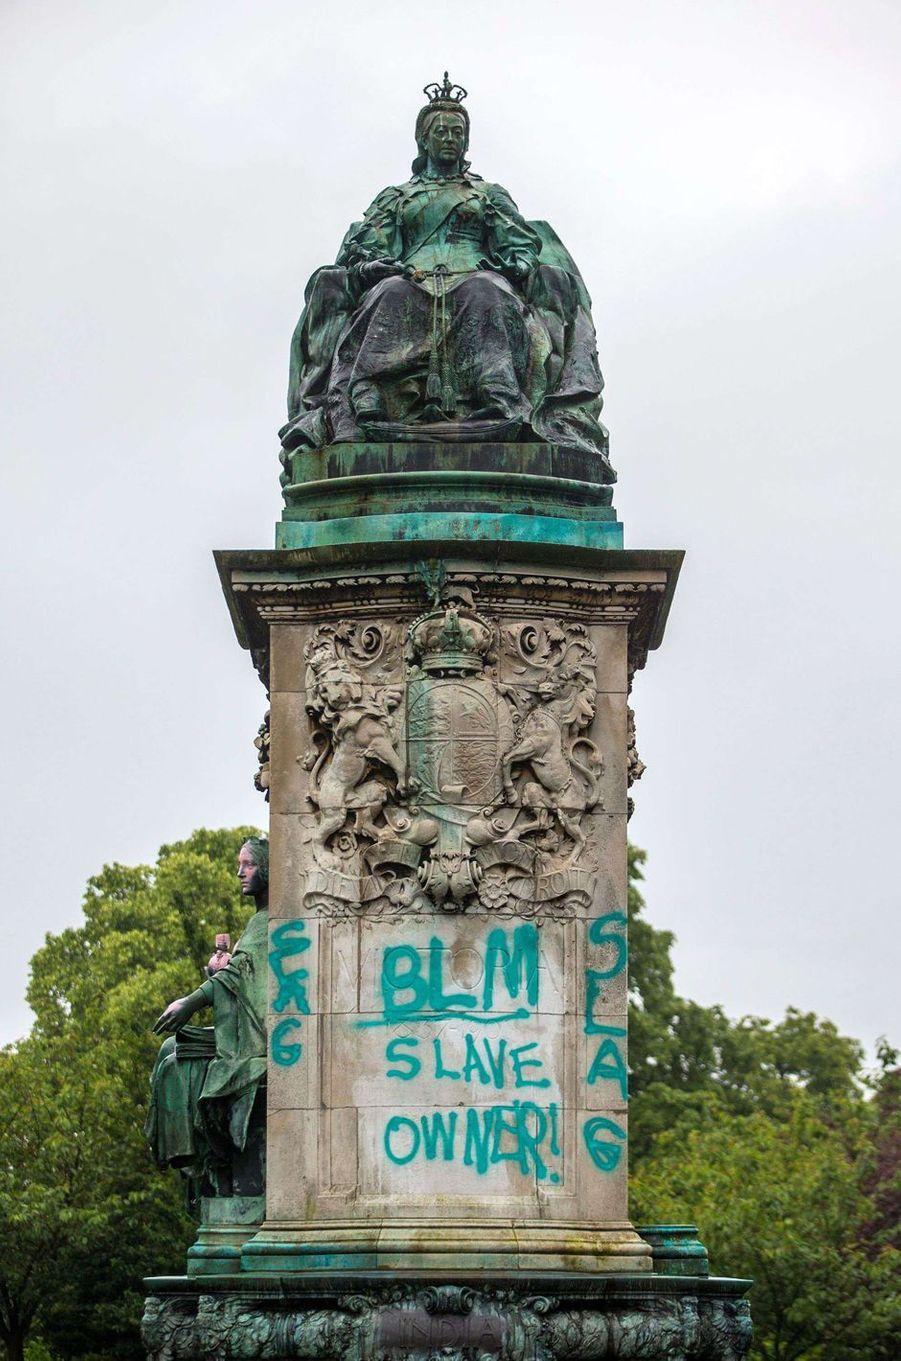 Le mémorial de la reine Victoria à Leeds vandalisé, le 10 juin 2020